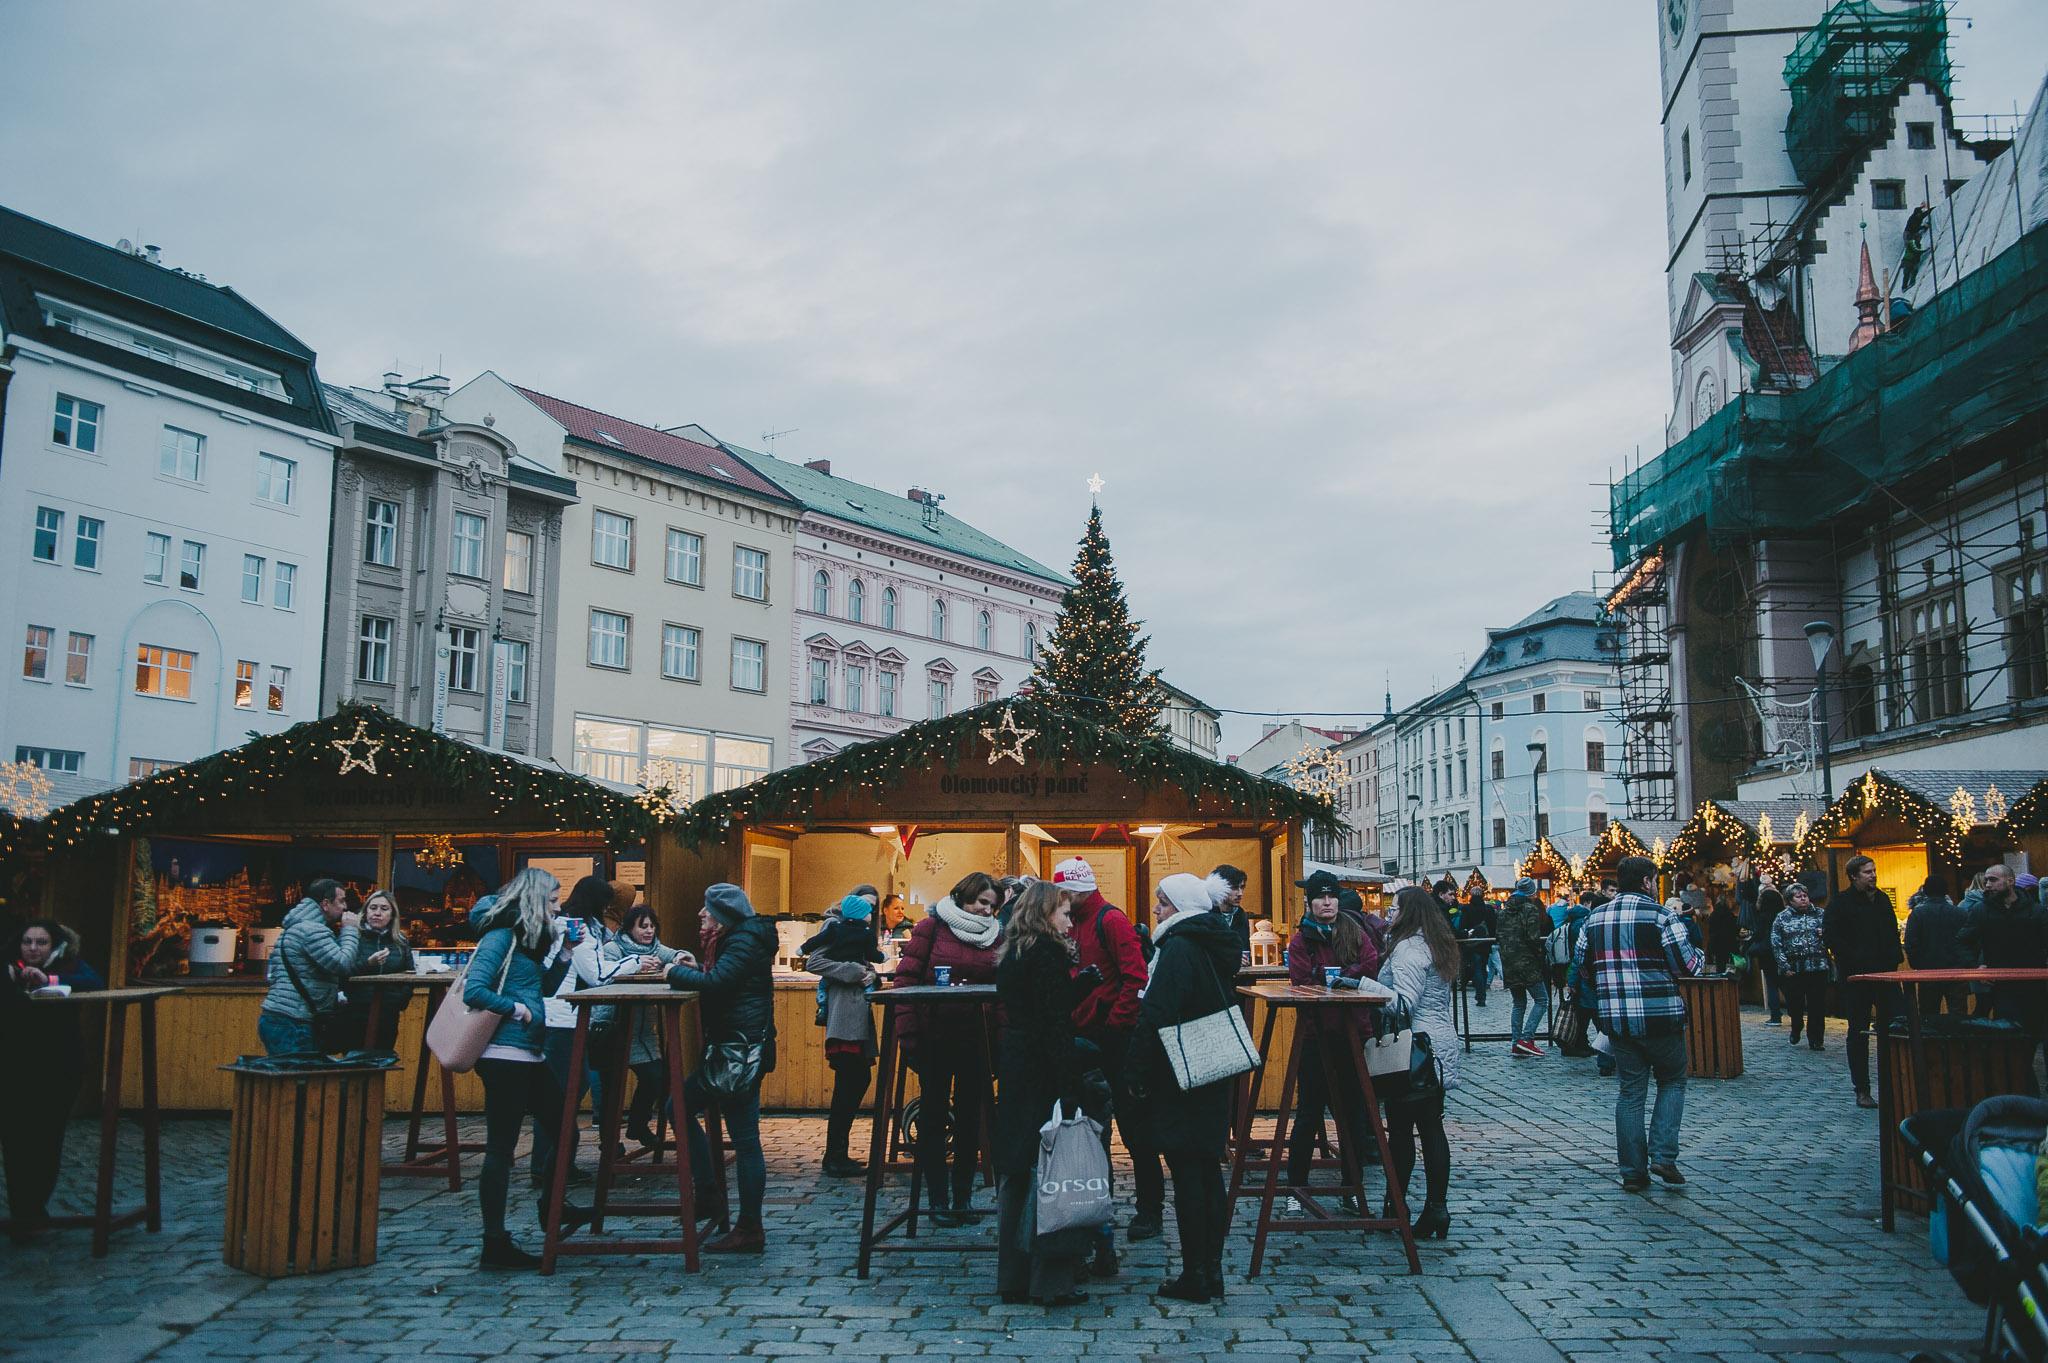 Olomouc Christmas market